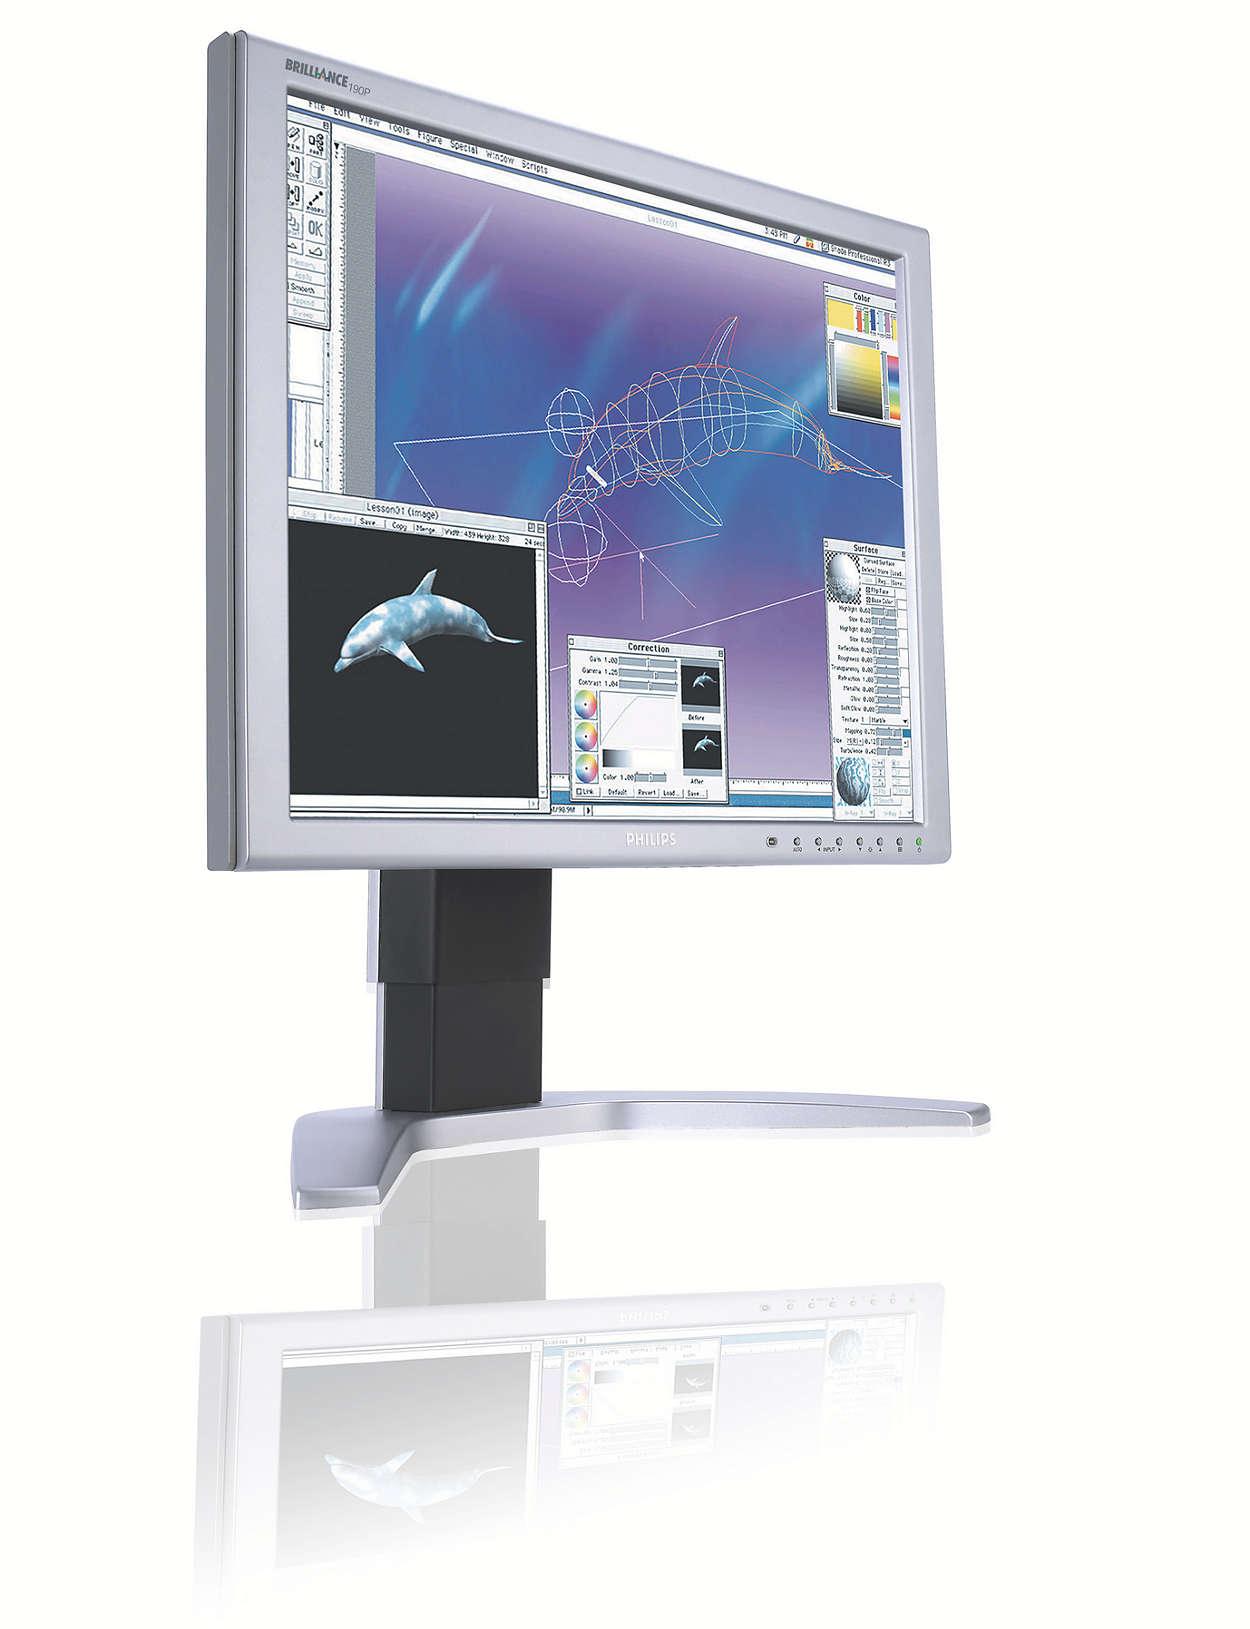 Superbeeldscherm ontworpen voor veeleisende professionals